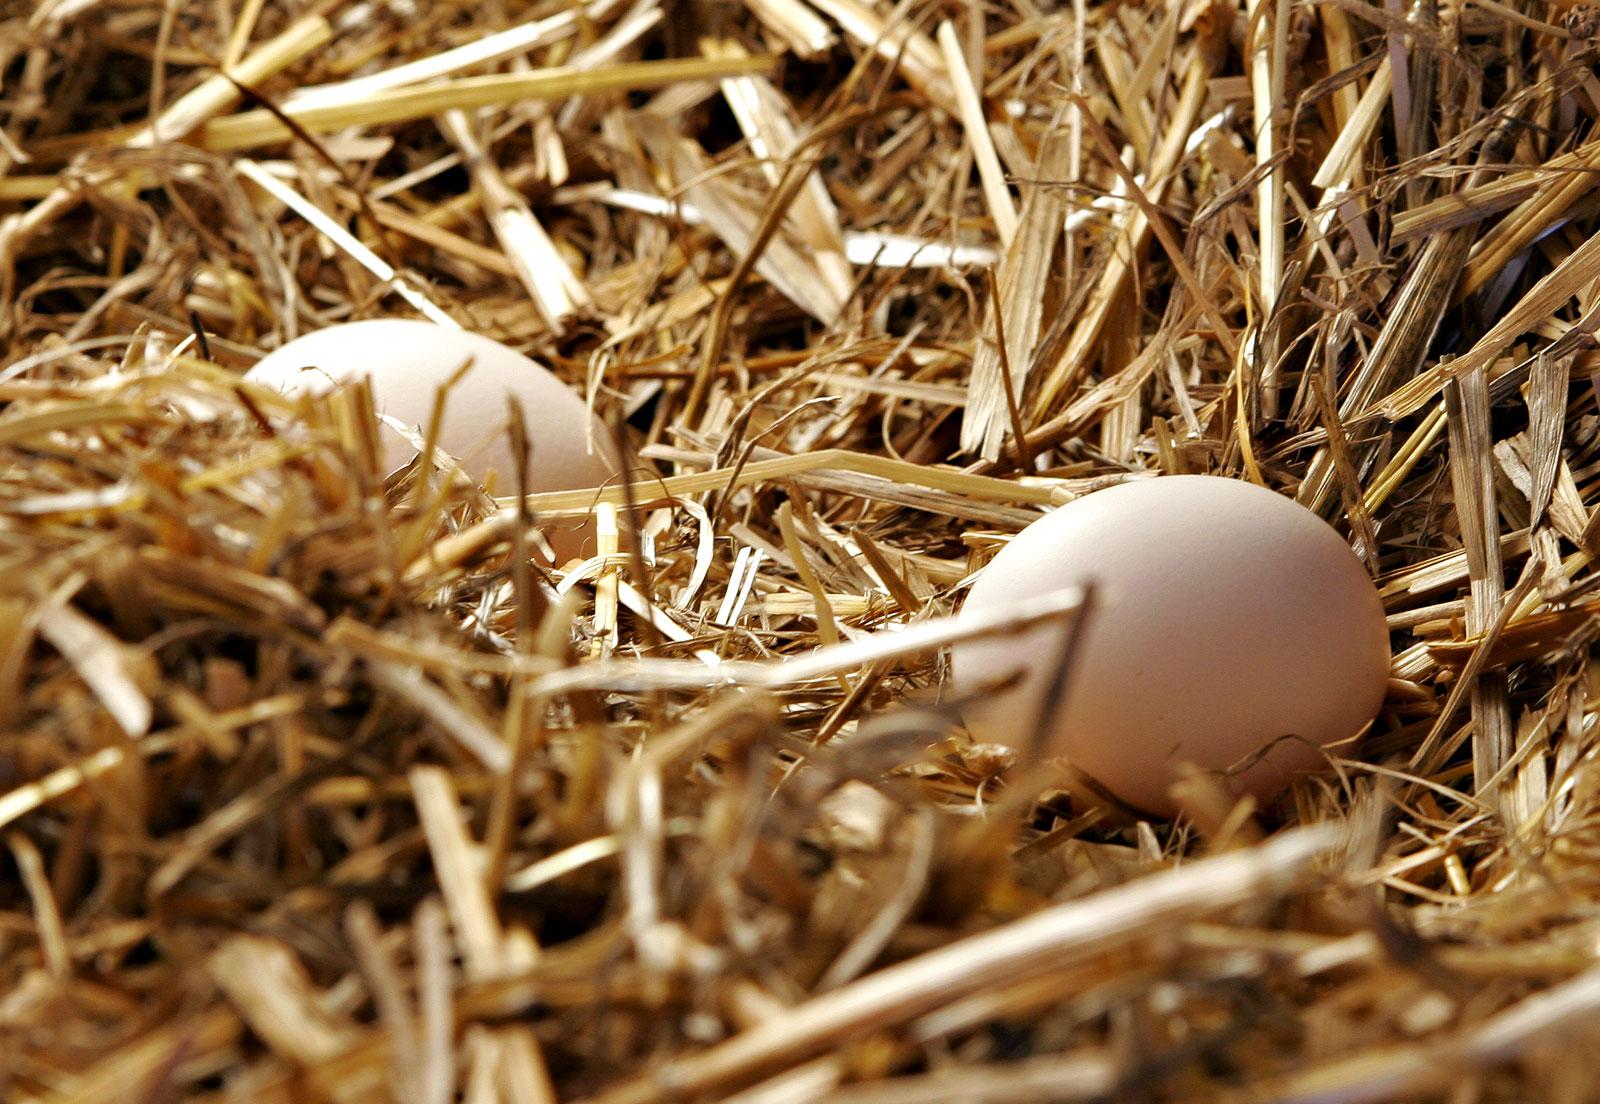 File:Egg in straw nest.jpg - Wikimedia Commons